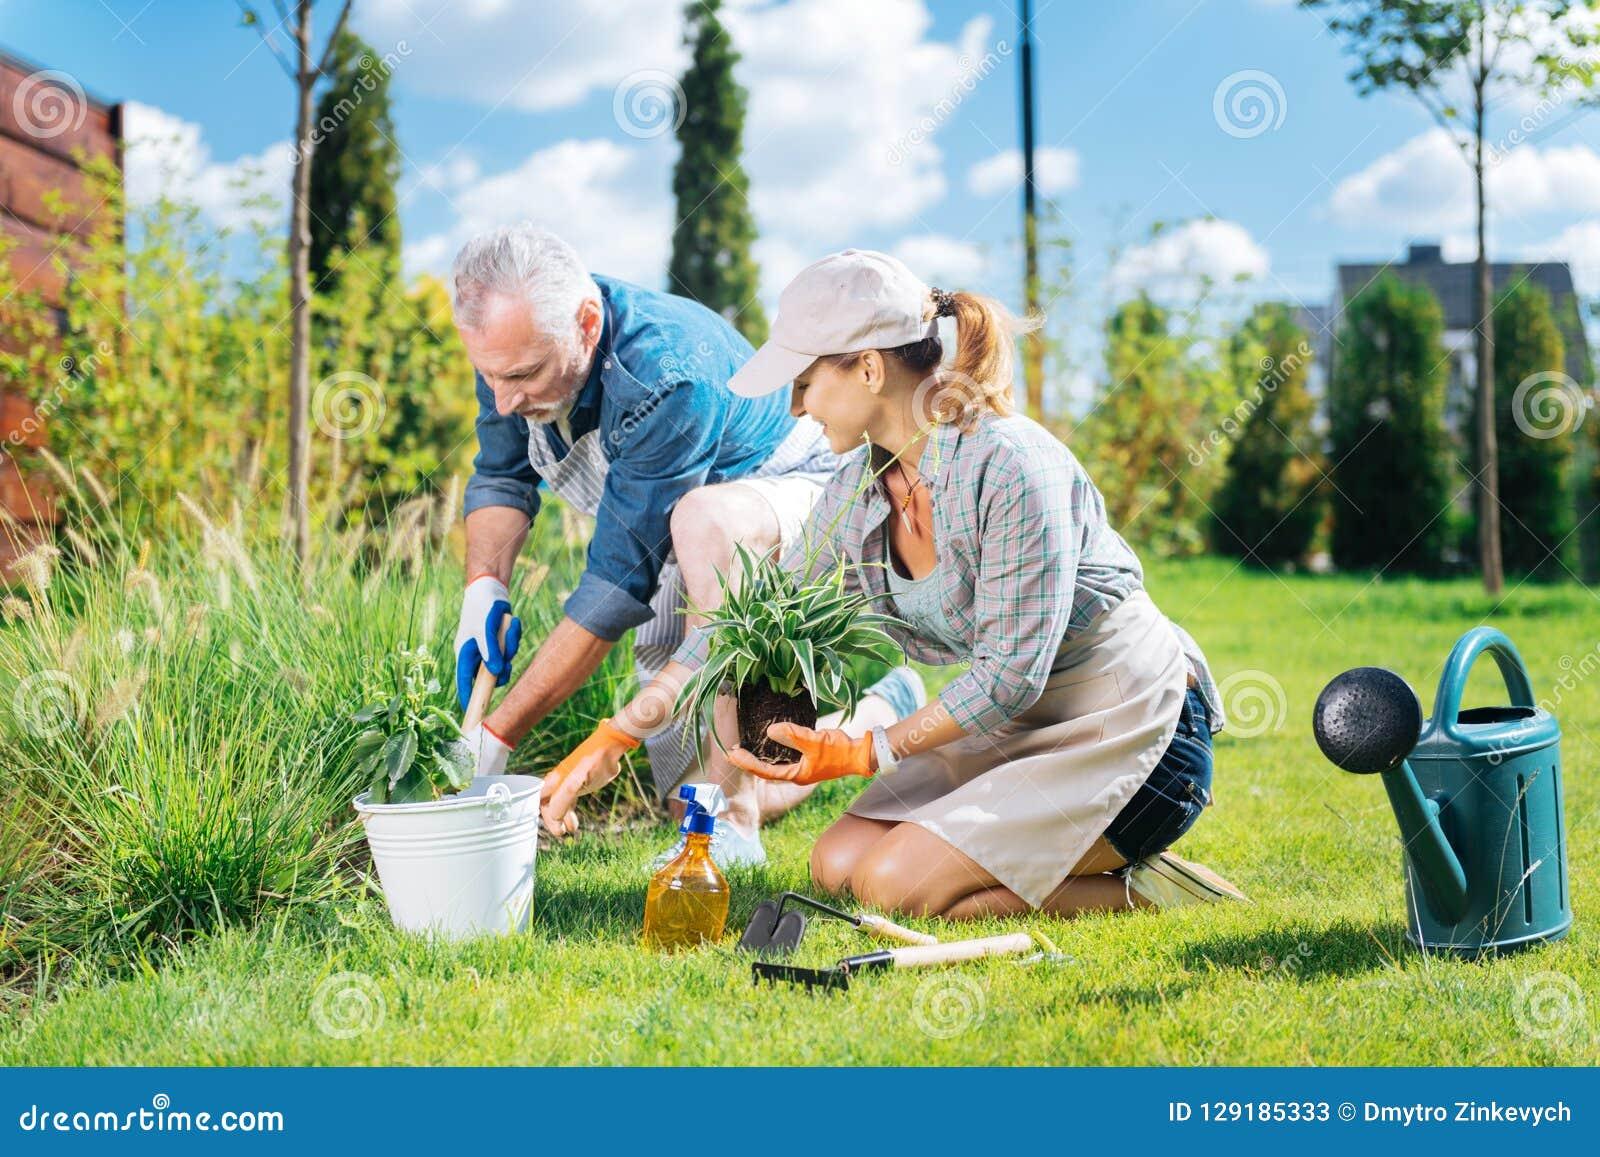 Χρήσιμο ώριμο άτομο που ενώνει την όμορφη σύζυγό της ξεριζώνοντας τα ζιζάνια